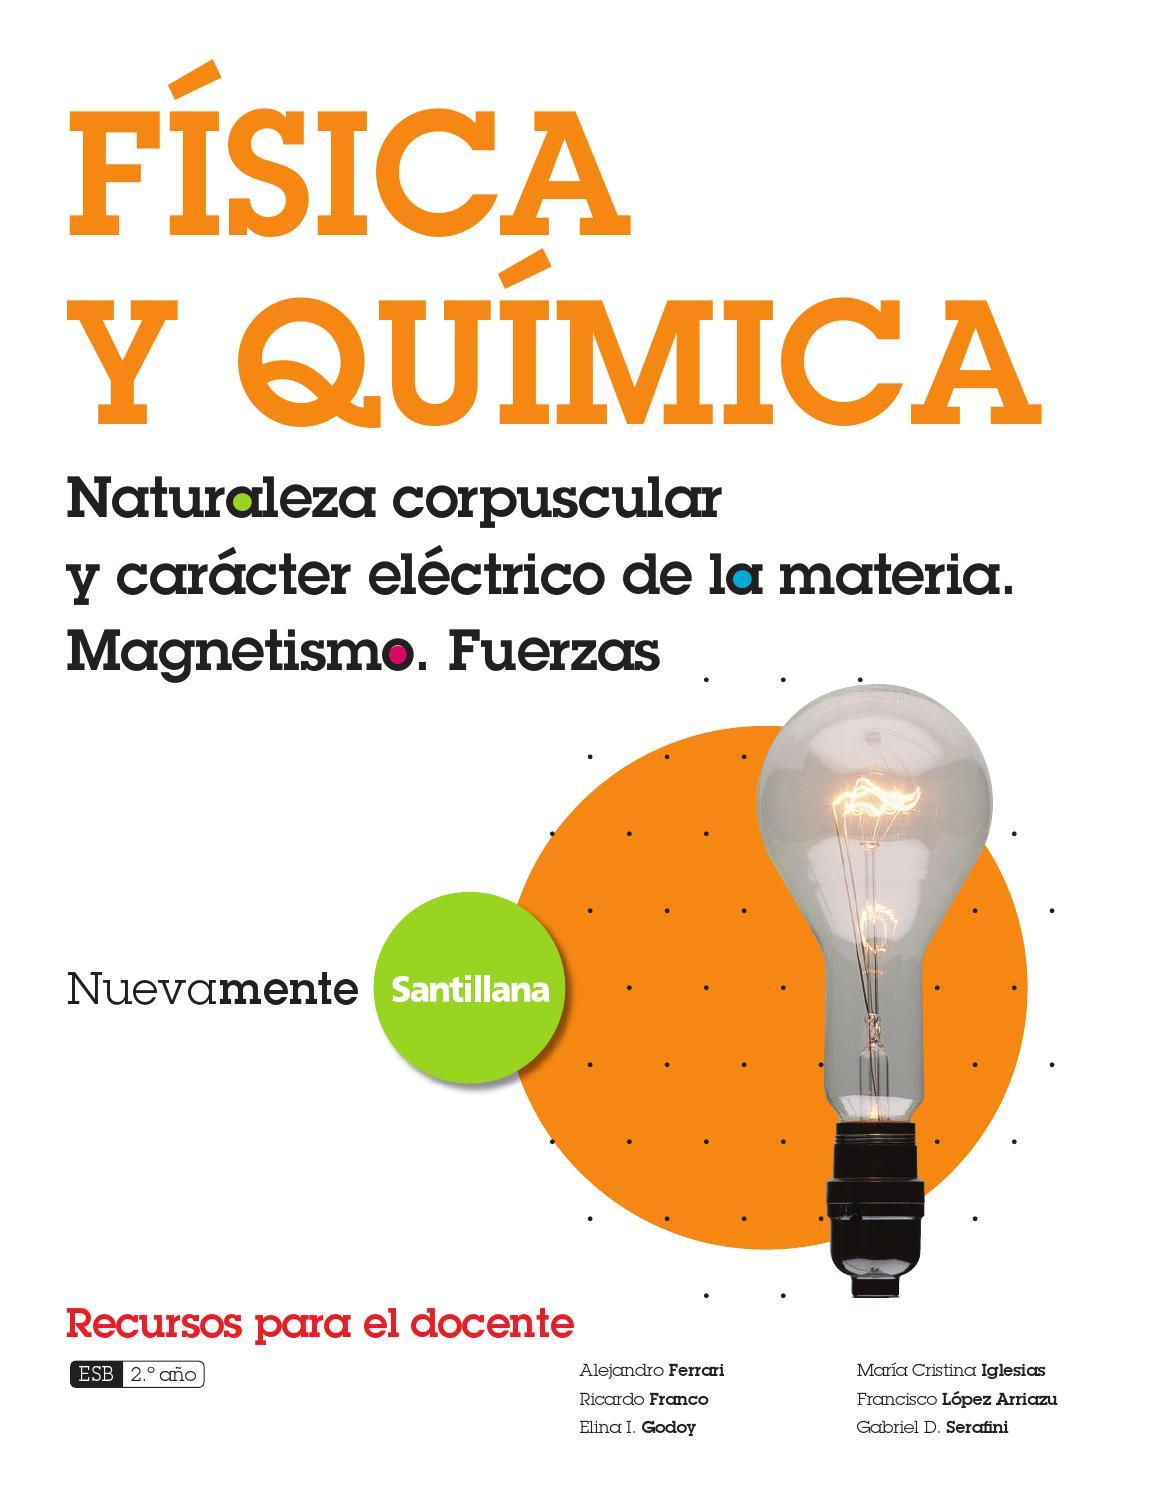 Fisica y quimica naturaleza guia pdf soluionario nuevamente santillana by  Maria Gabriela Iglesias , issuu